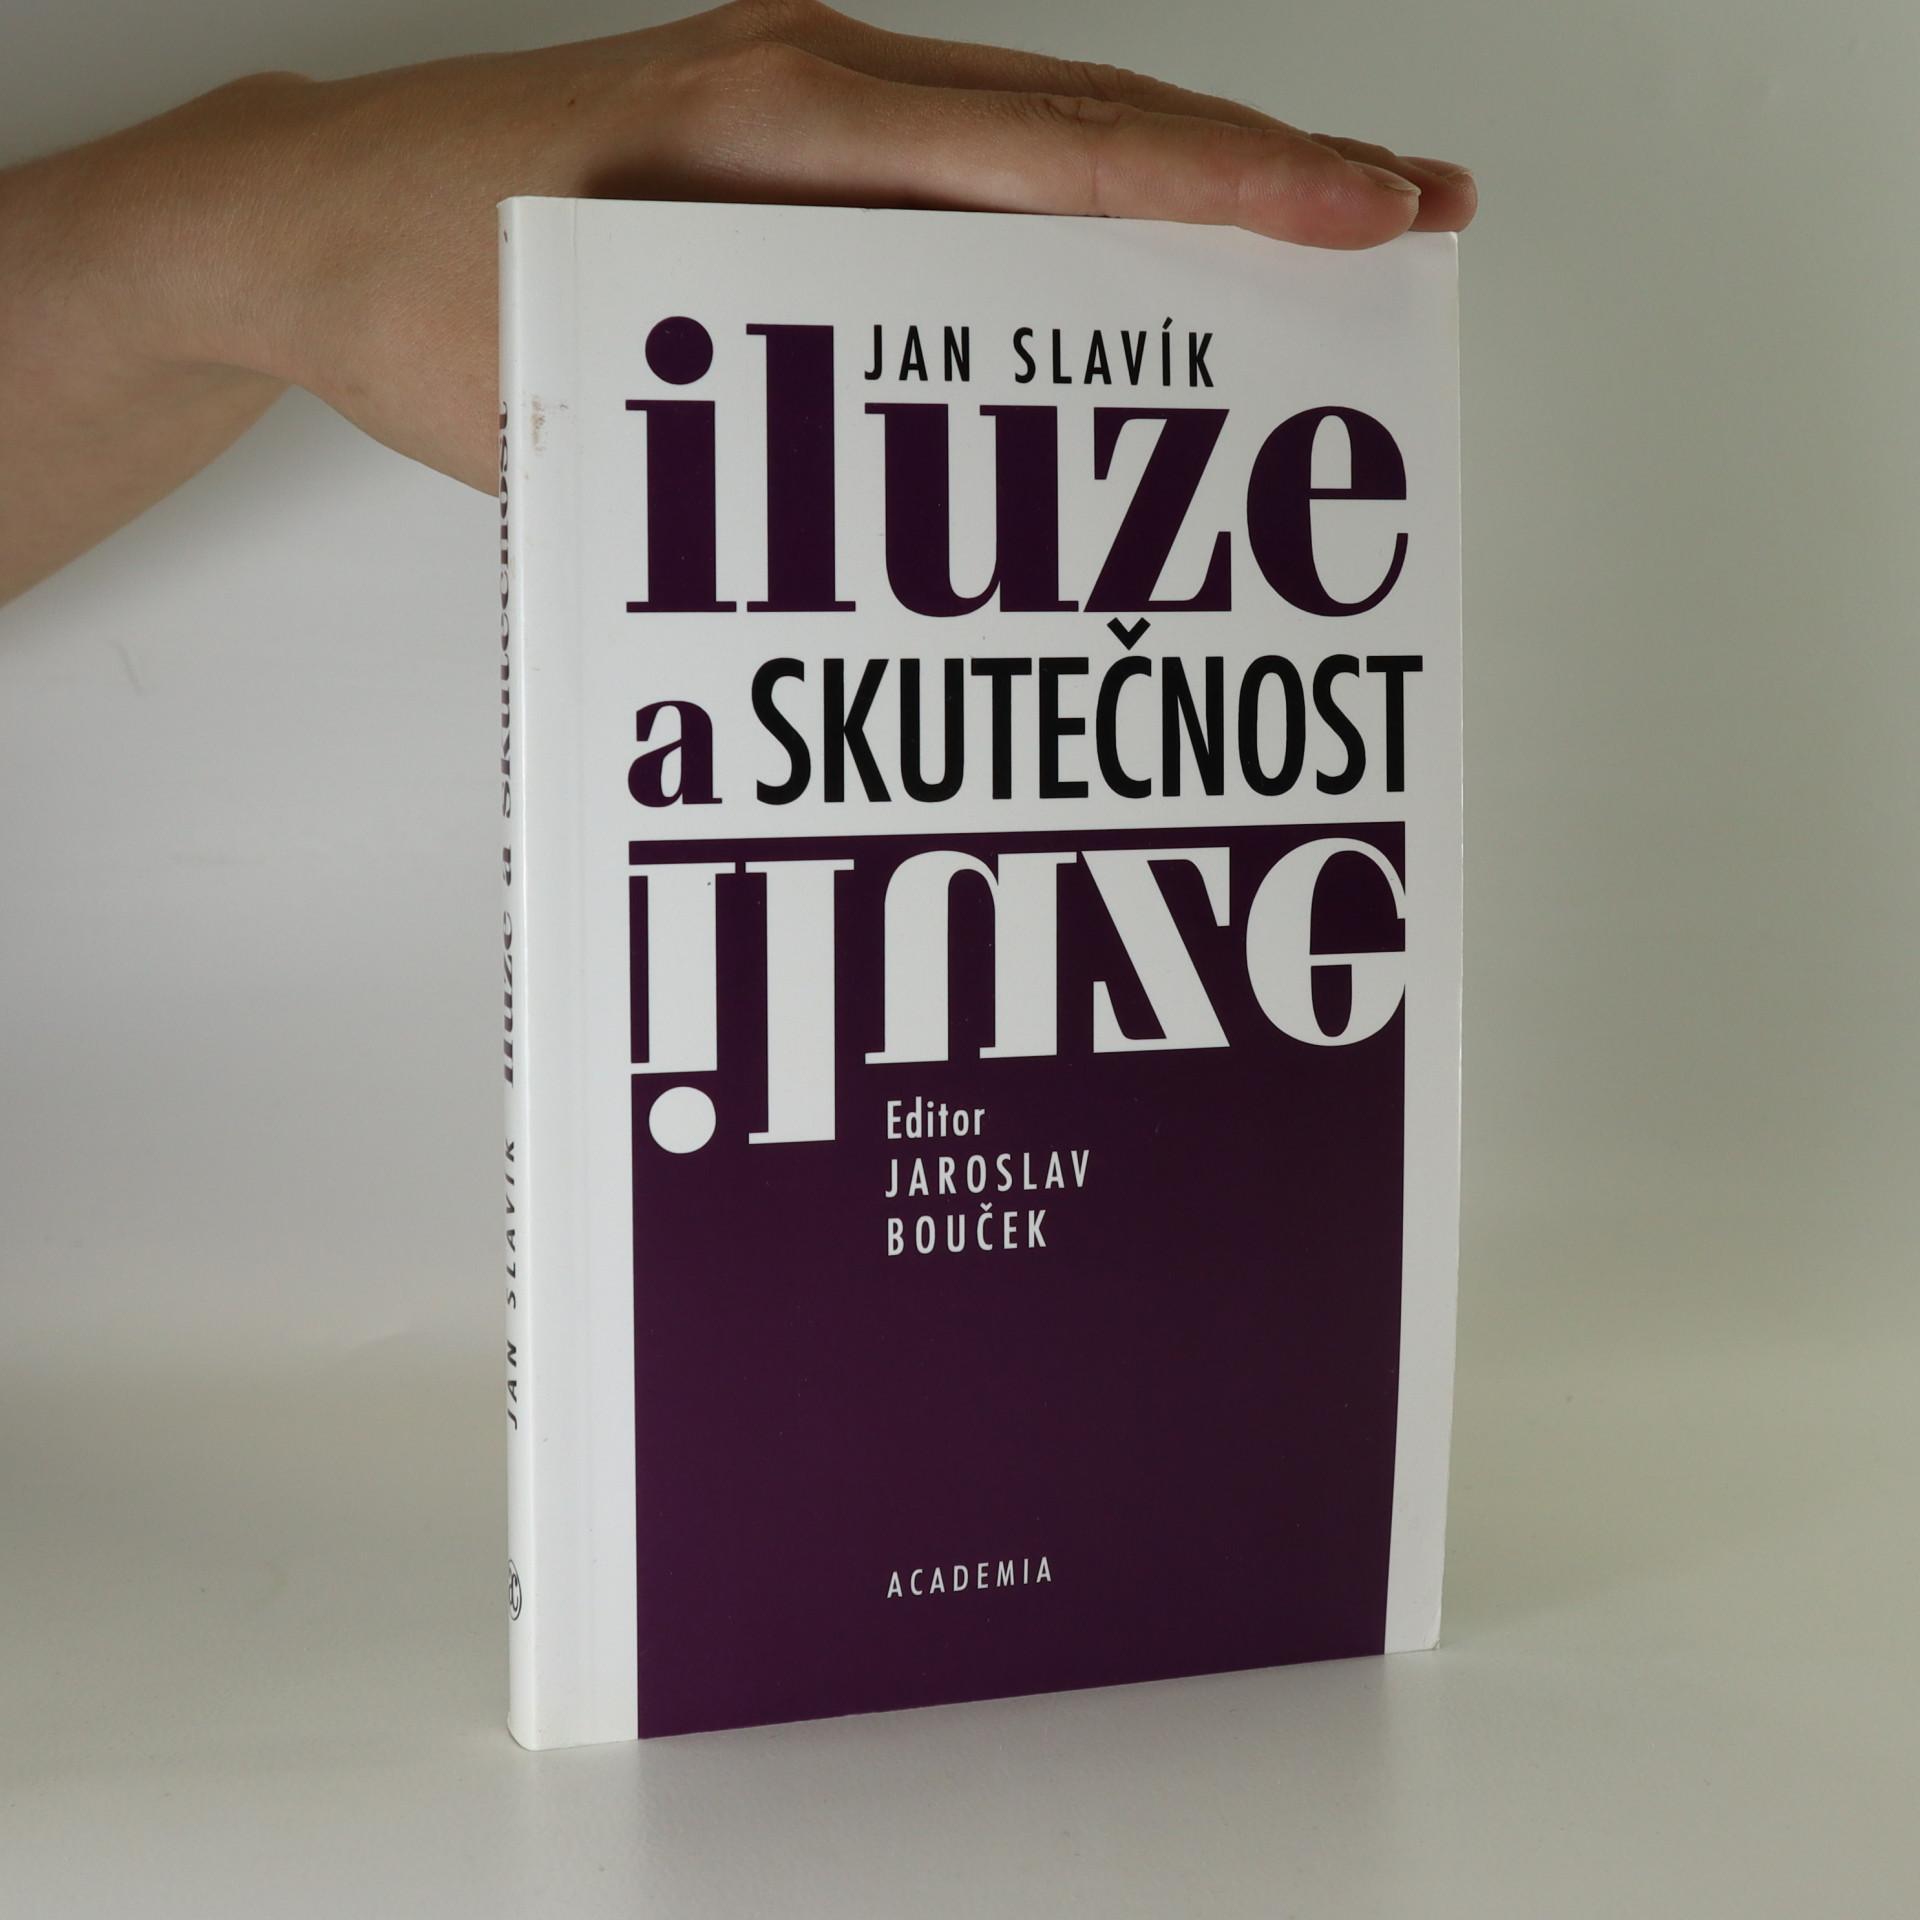 antikvární kniha Iluze a skutečnost, 2000